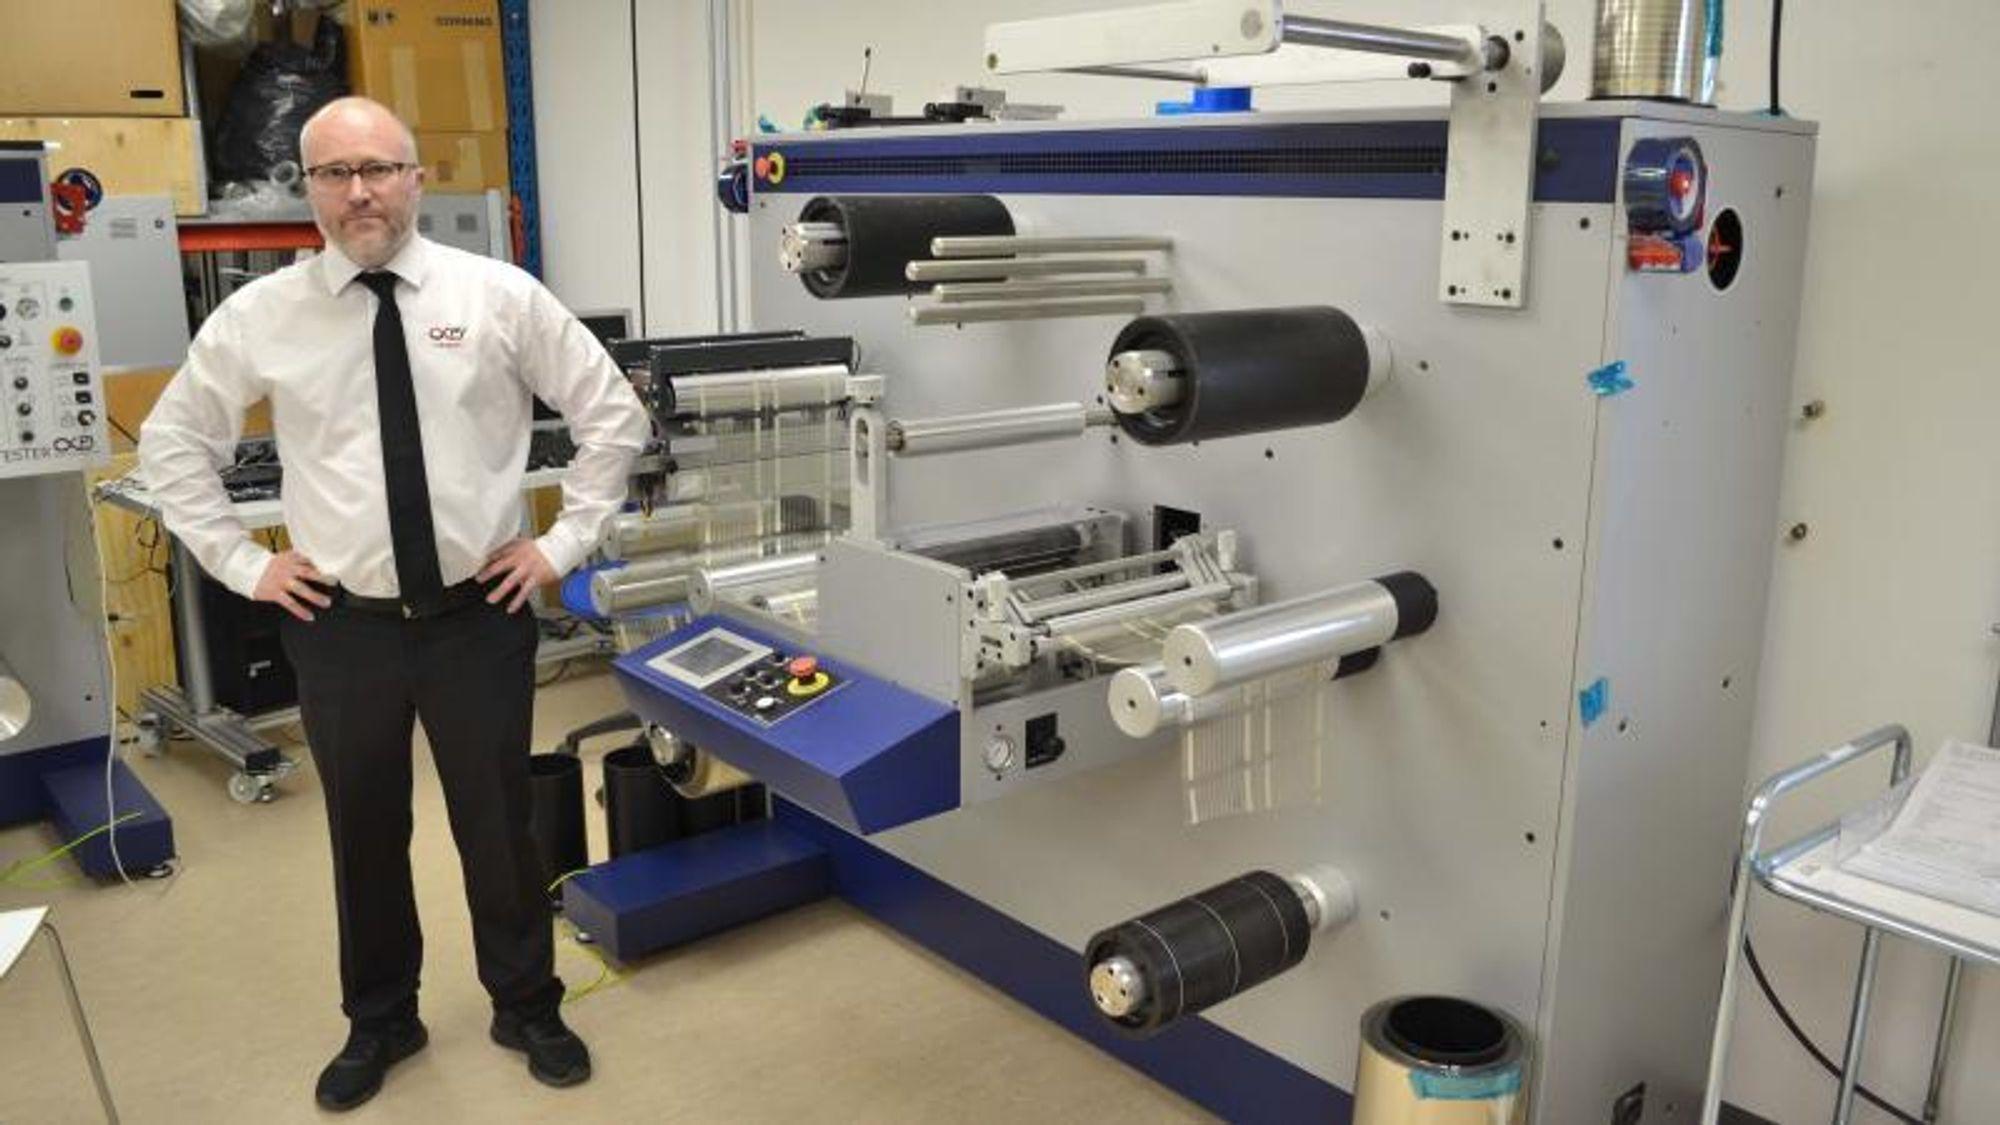 Infinity PV står selv for alle leddene i produksjonen av plastsolceller – fra produksjon av blekket til den tynne plastfolien over trykket, til forsegling av de ferdige solcellene. Til venstre står Frederik Krebs foran firmaets foliehåndteringsmaskin.